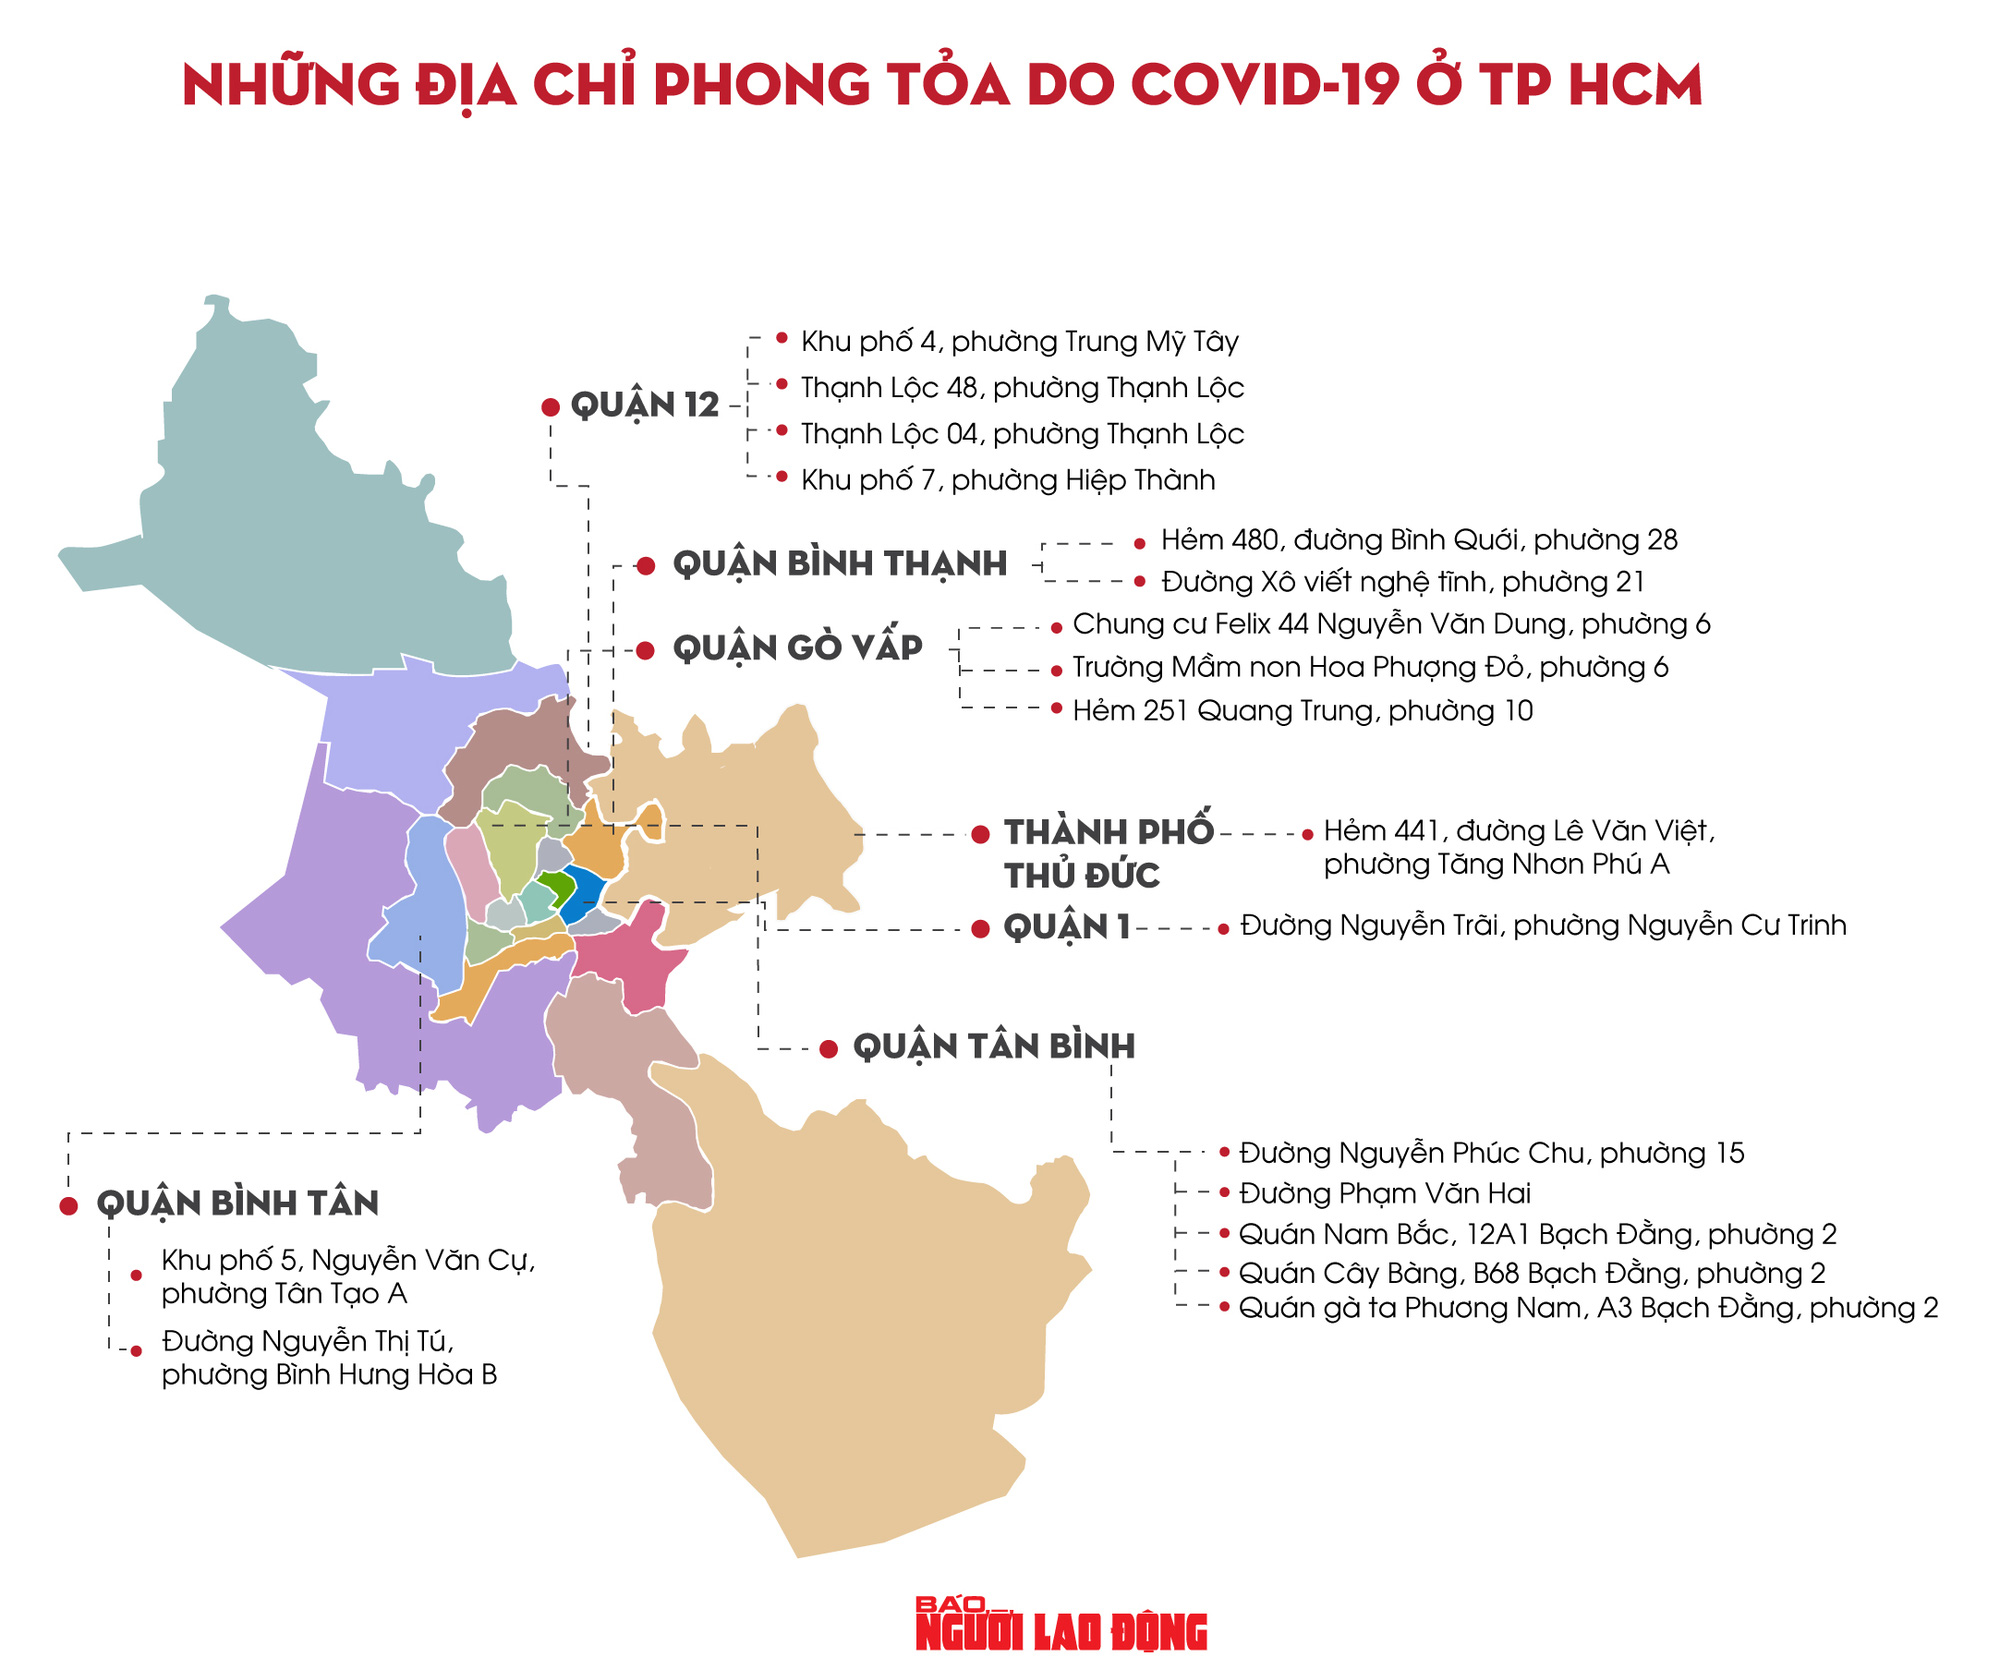 TP HCM: 18 địa điểm bị phong tỏa do Covid-19, mọi người cần biết - Ảnh 1.